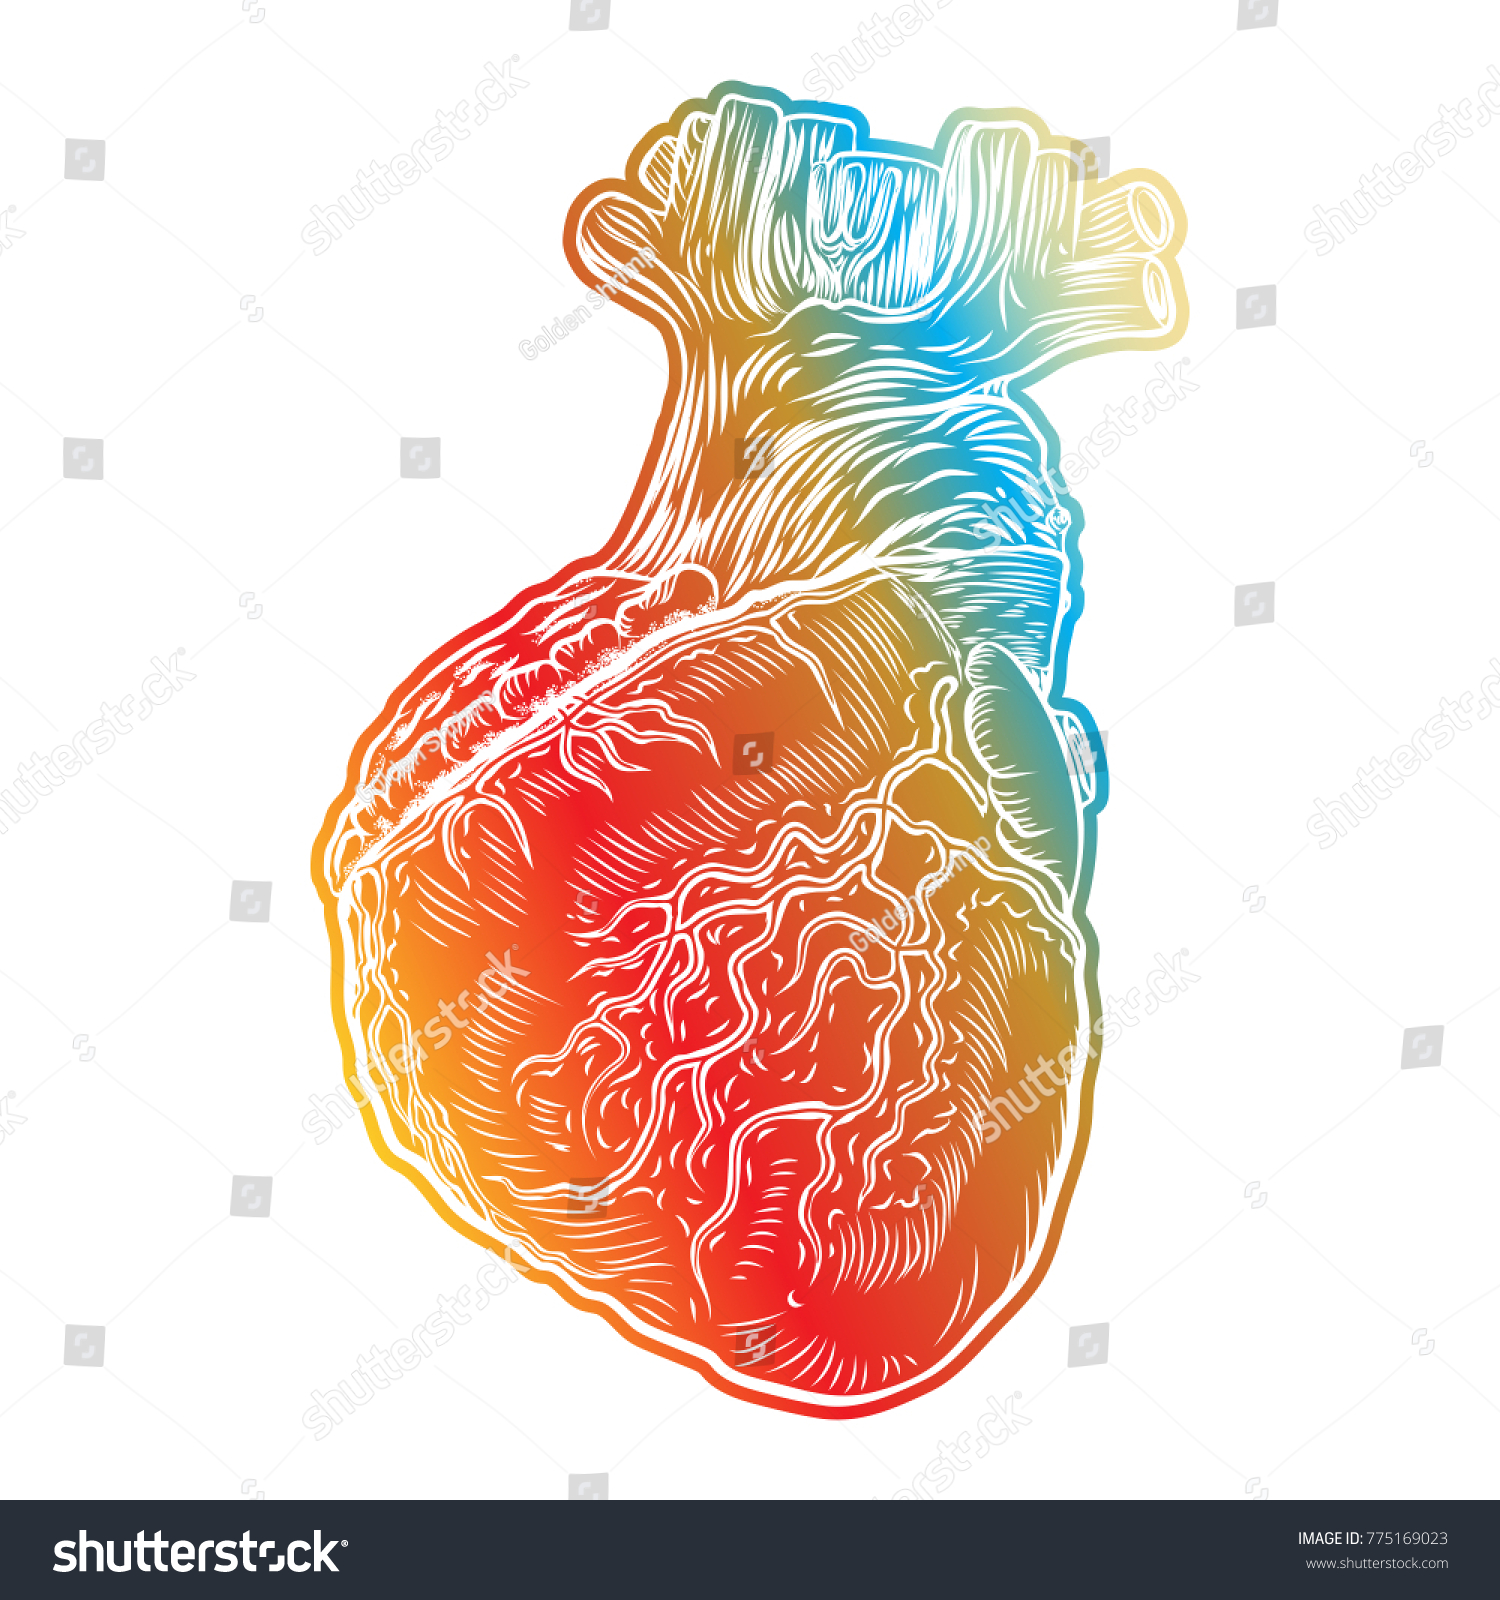 Red Human Heart Aorta Veins Arteries Stock Vector 775169023 ...